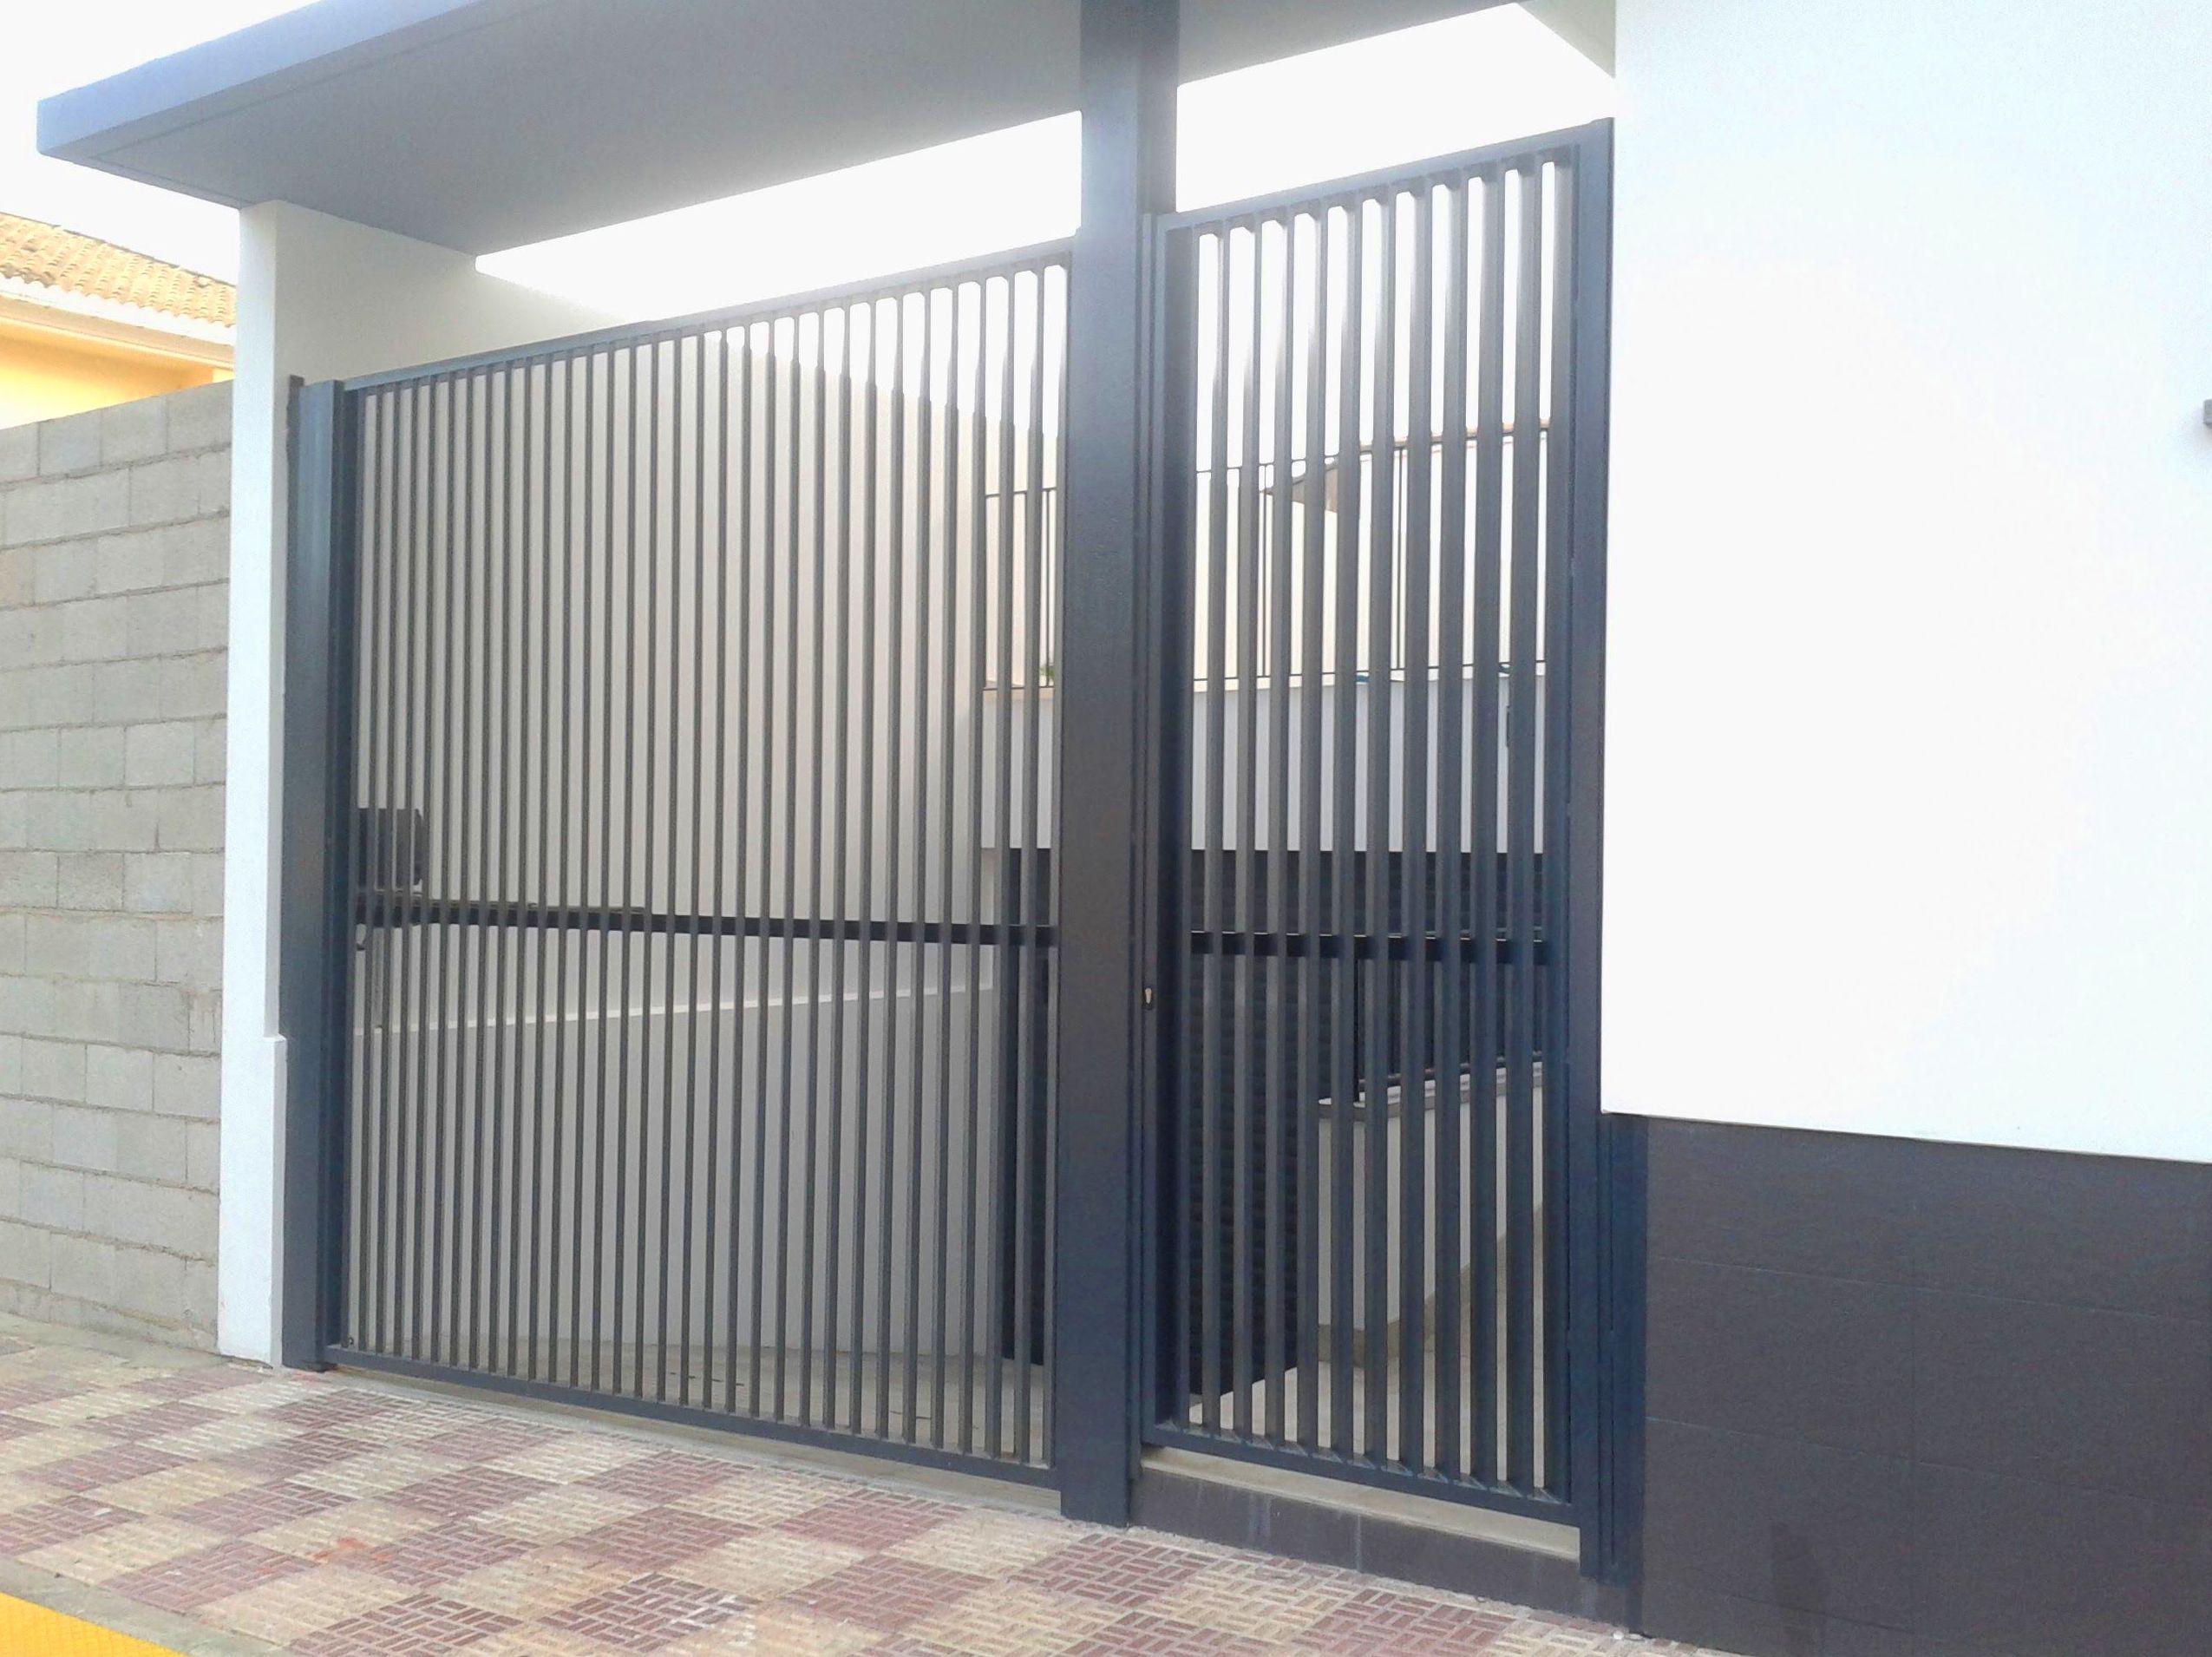 Puertas batiente metálica tipo mallorquina de lamas verticales